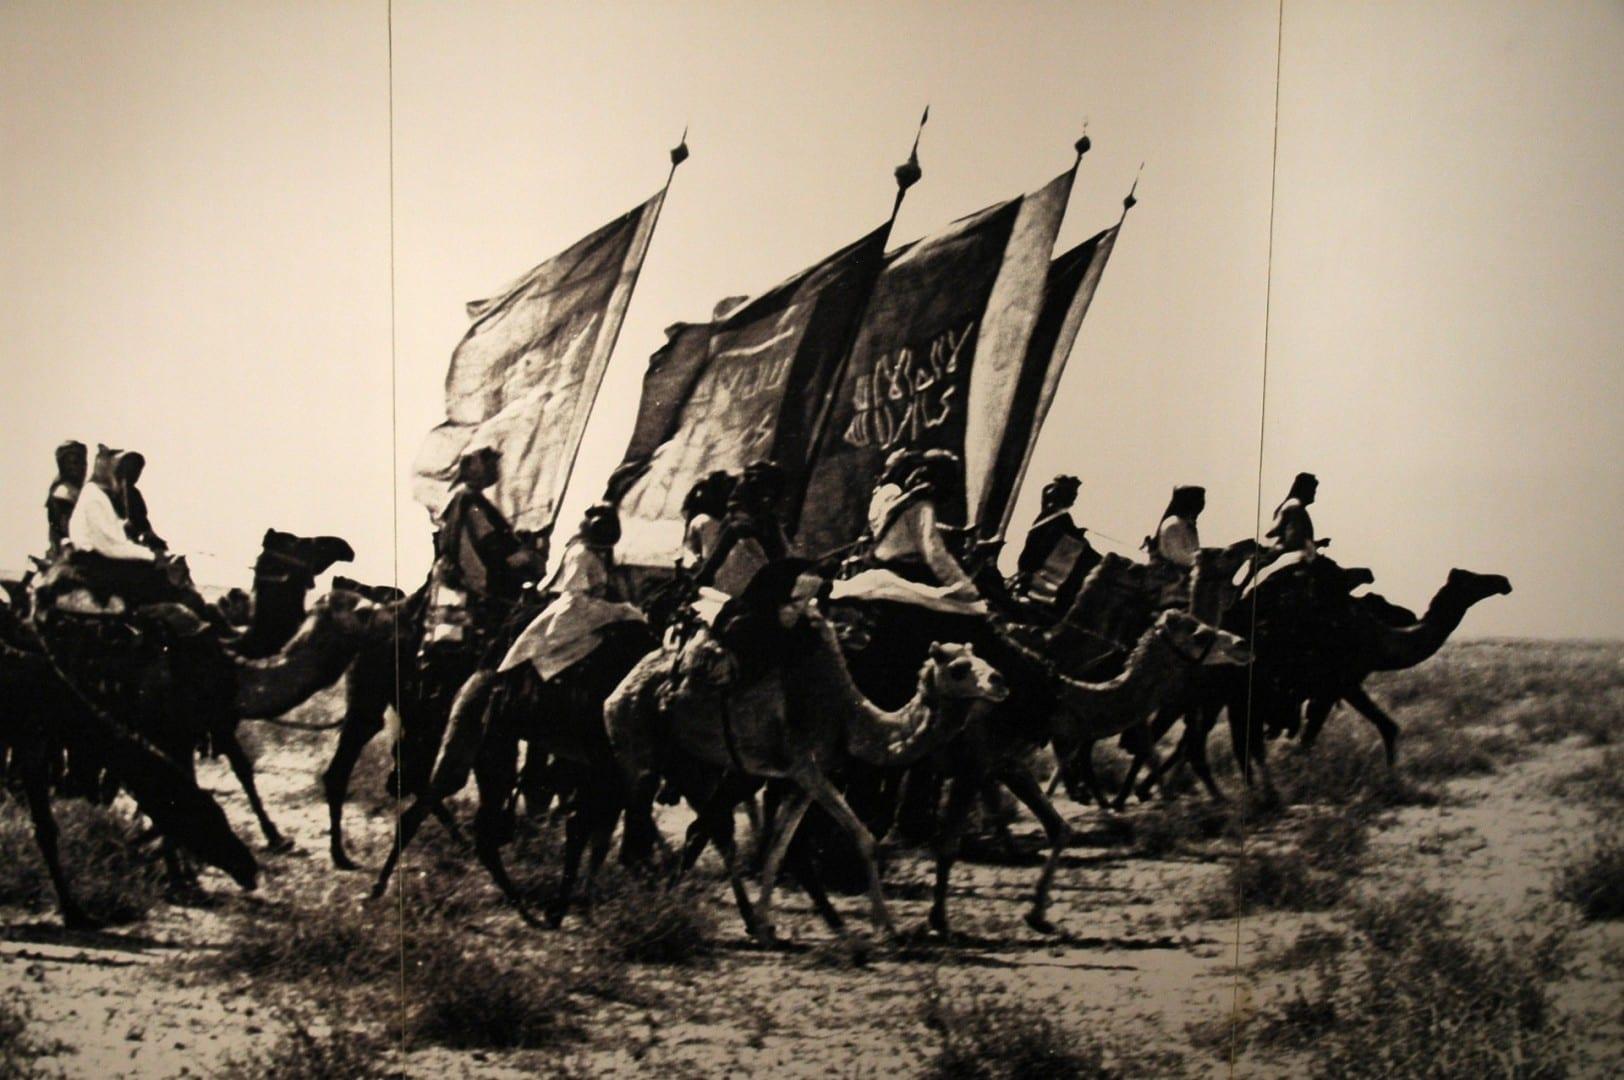 Las fuerzas del Rey Abdulaziz a principios del siglo XX Riyadh Arabia Saudí